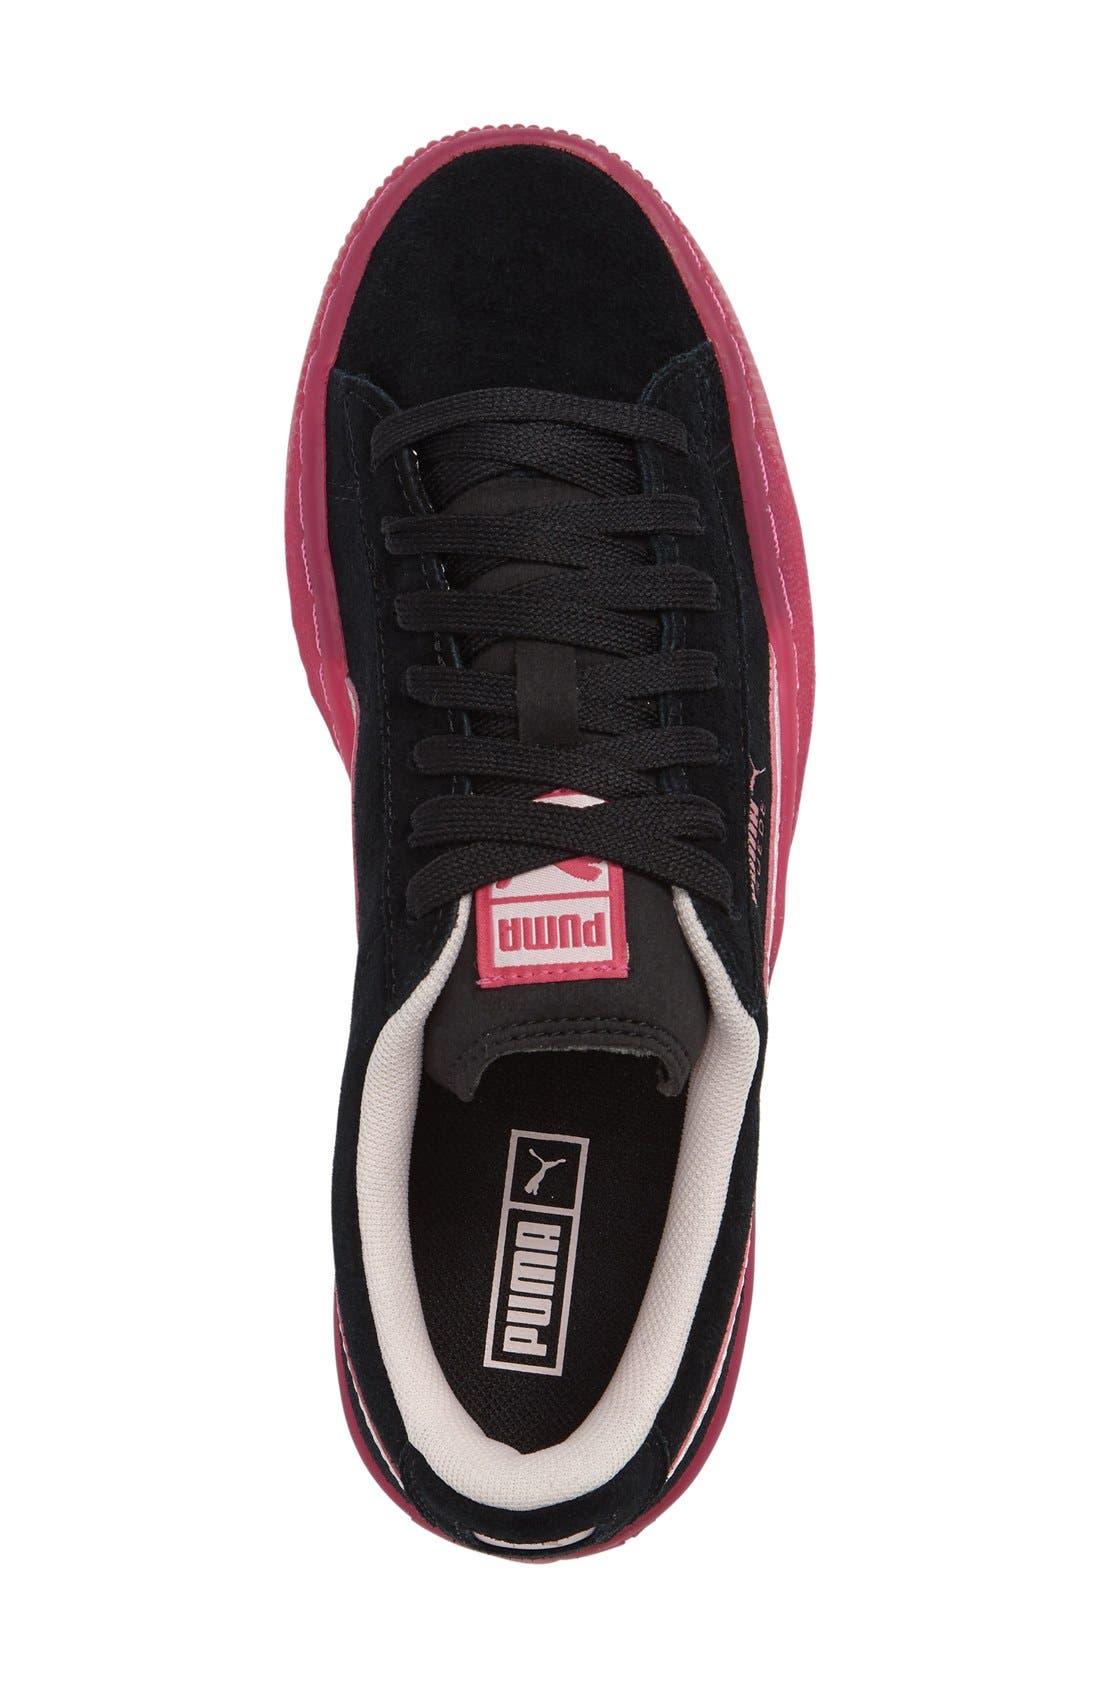 LFS Iced Jr Sneaker,                             Alternate thumbnail 3, color,                             001